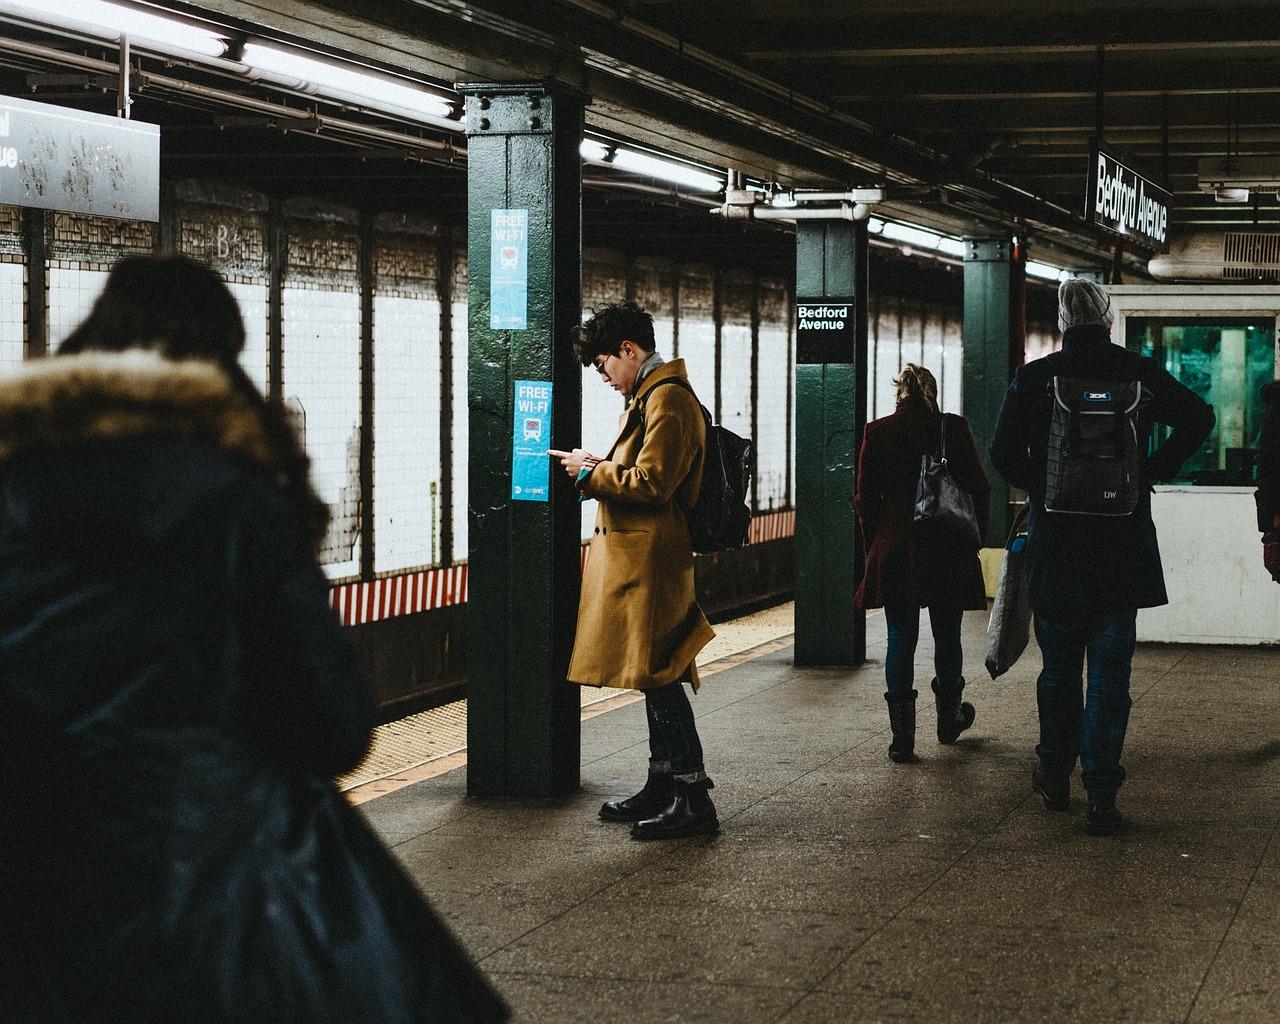 People Man Waiting - Free photo on Pixabay